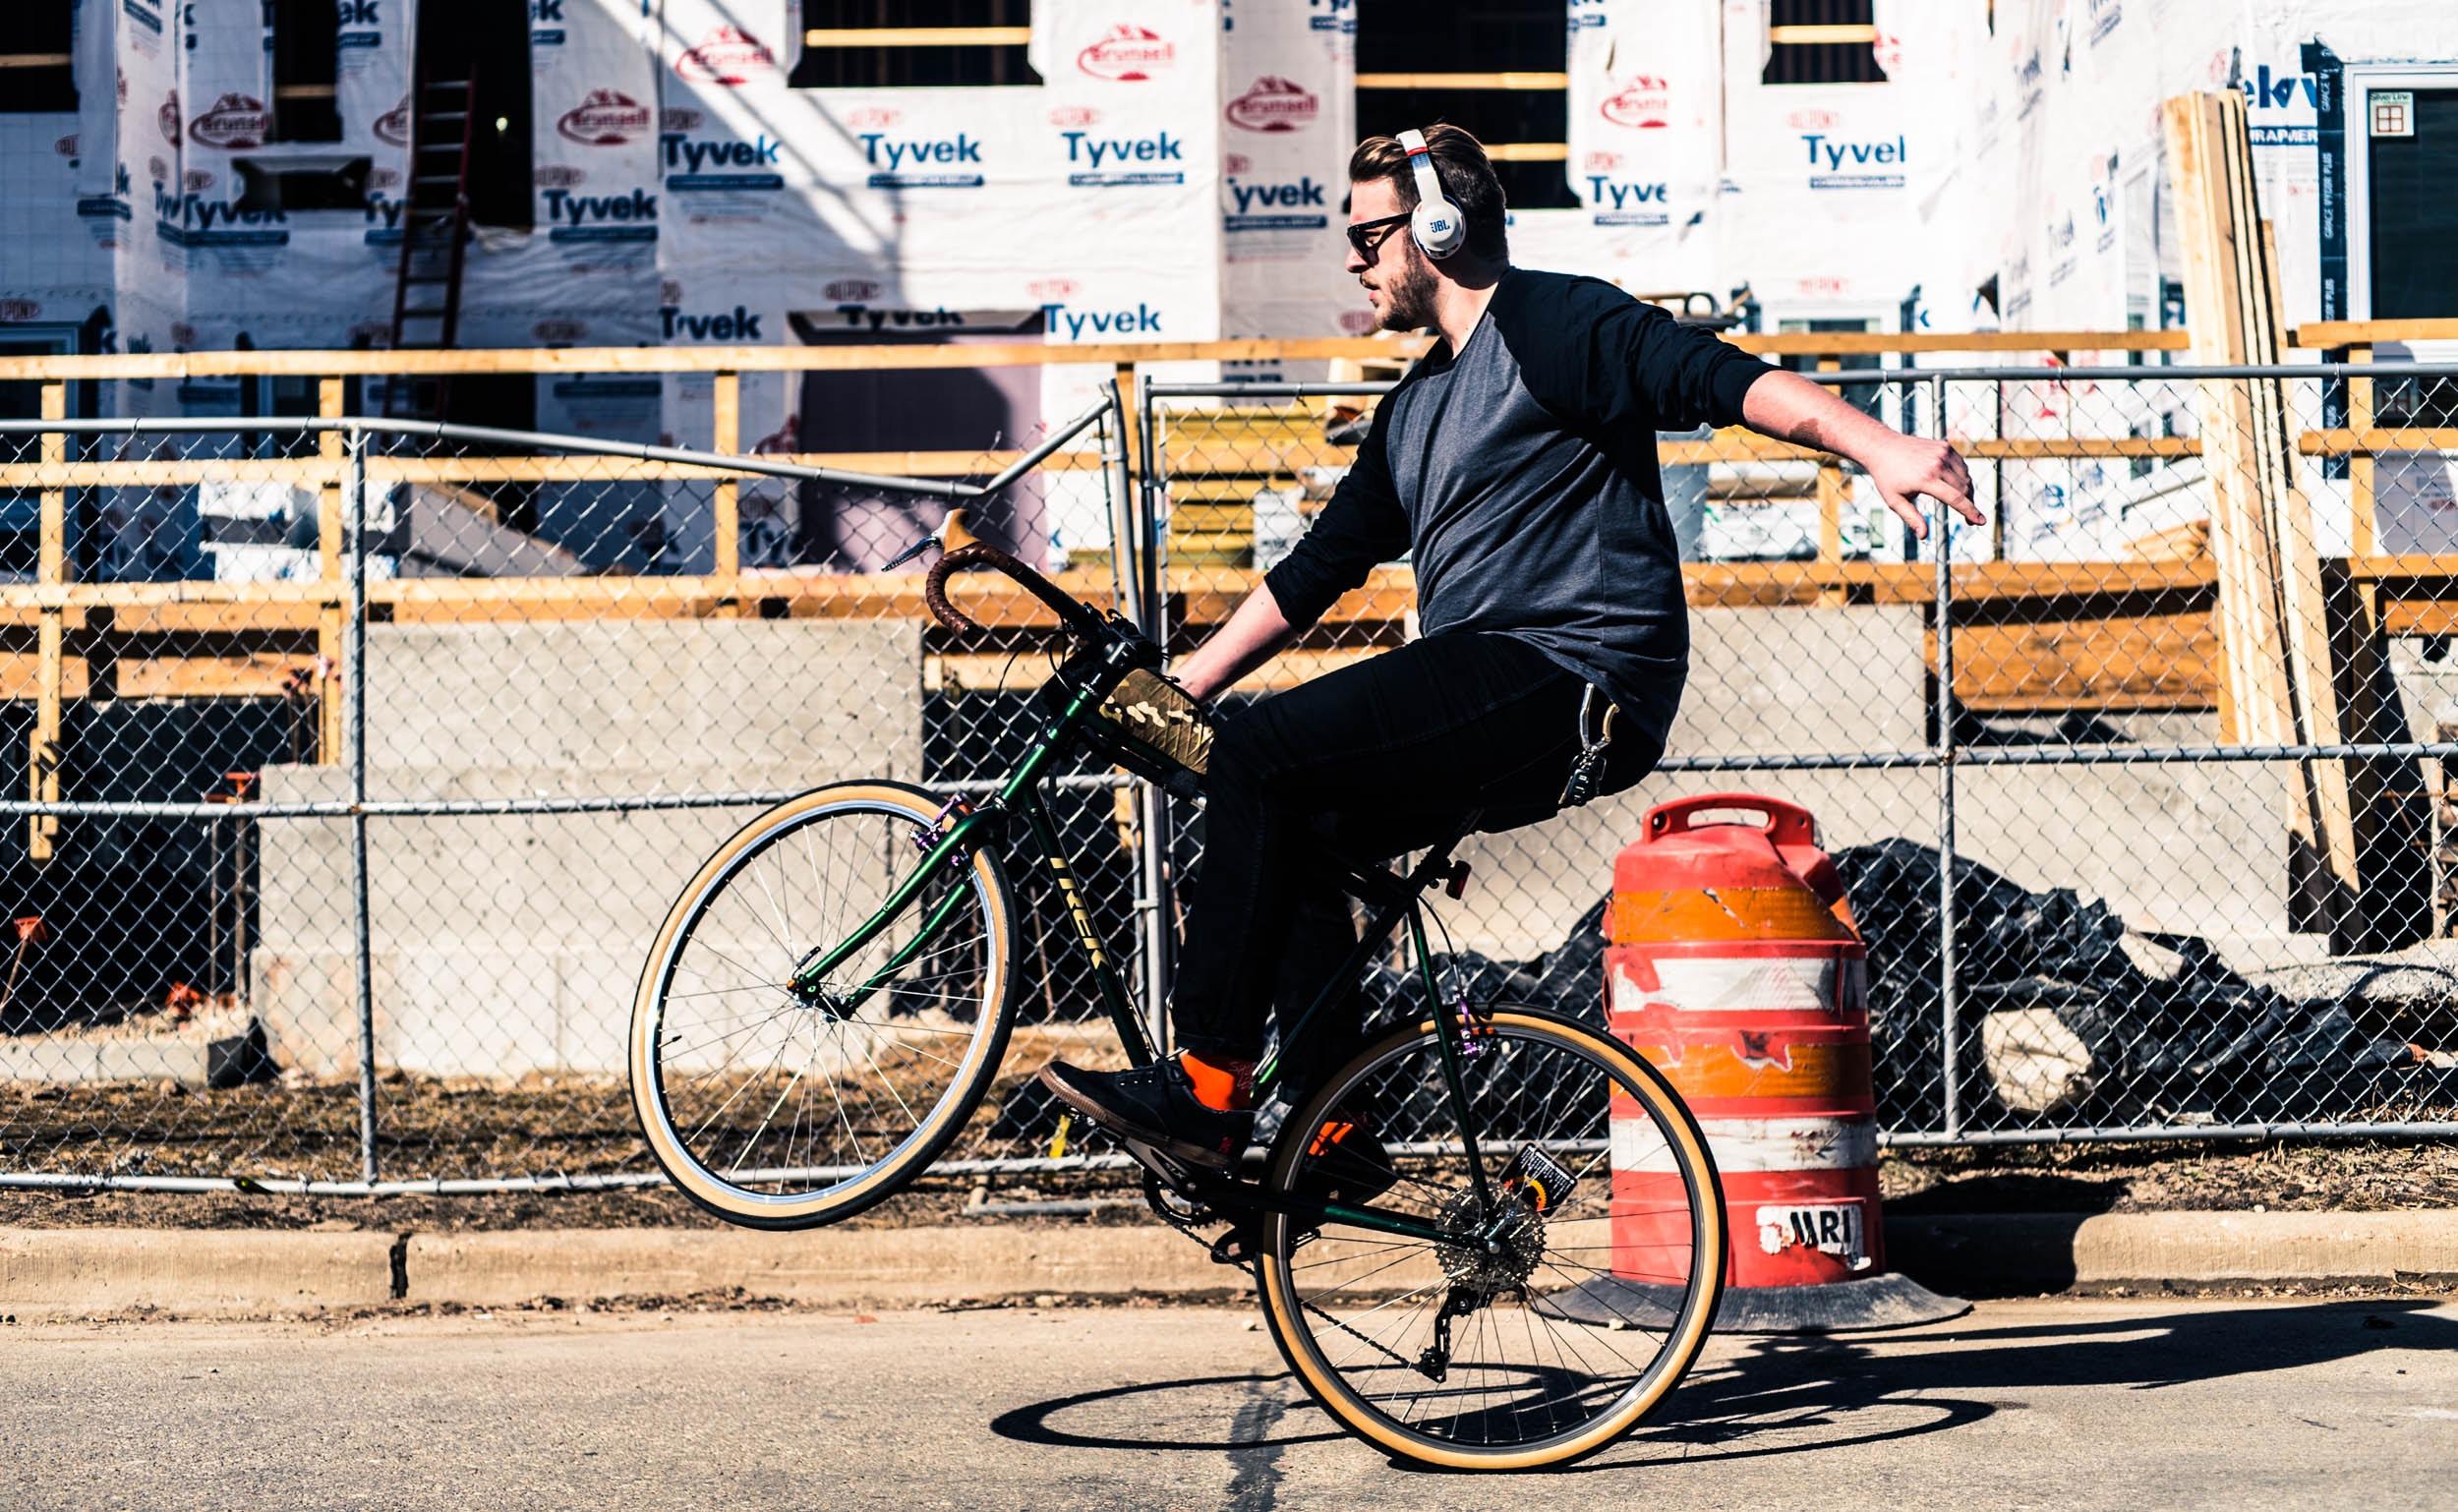 Er det Knausgård syklisten har på øret, mon tro? (Foto av  Neal Fagan .)